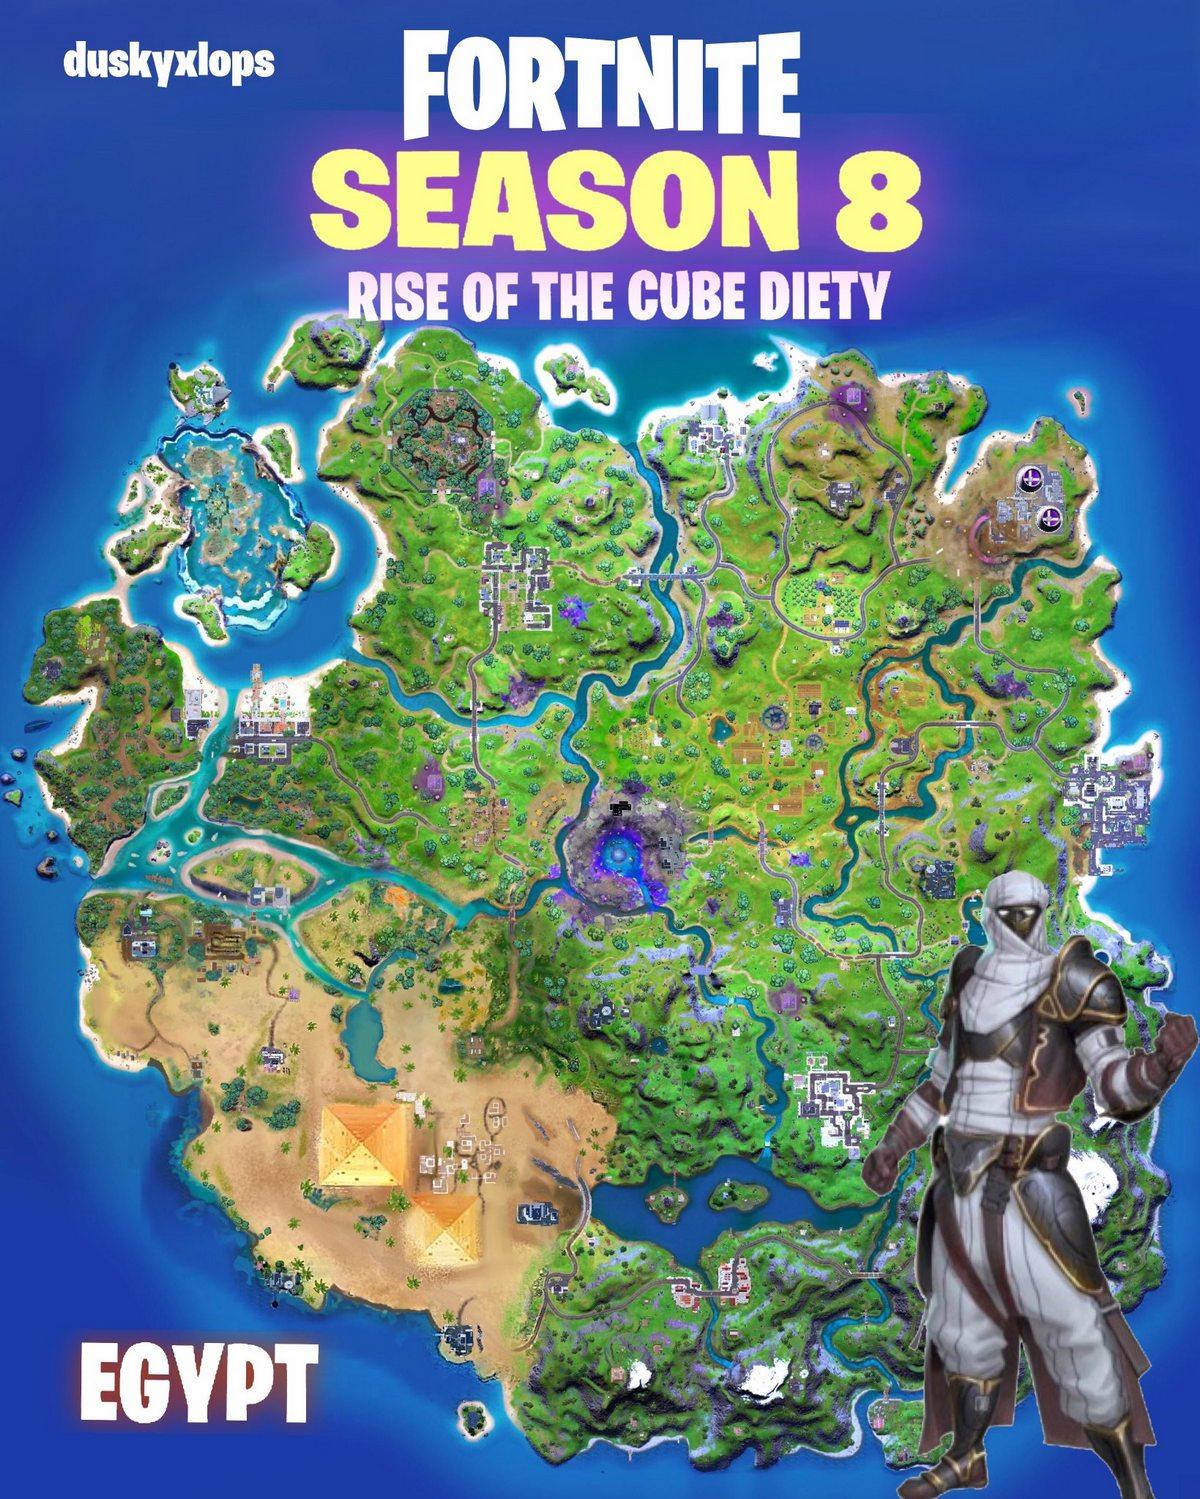 новые локации появятся в 18 сезоне фортнайт 1 - Три новые локации появятся в 18 сезоне фортнайт